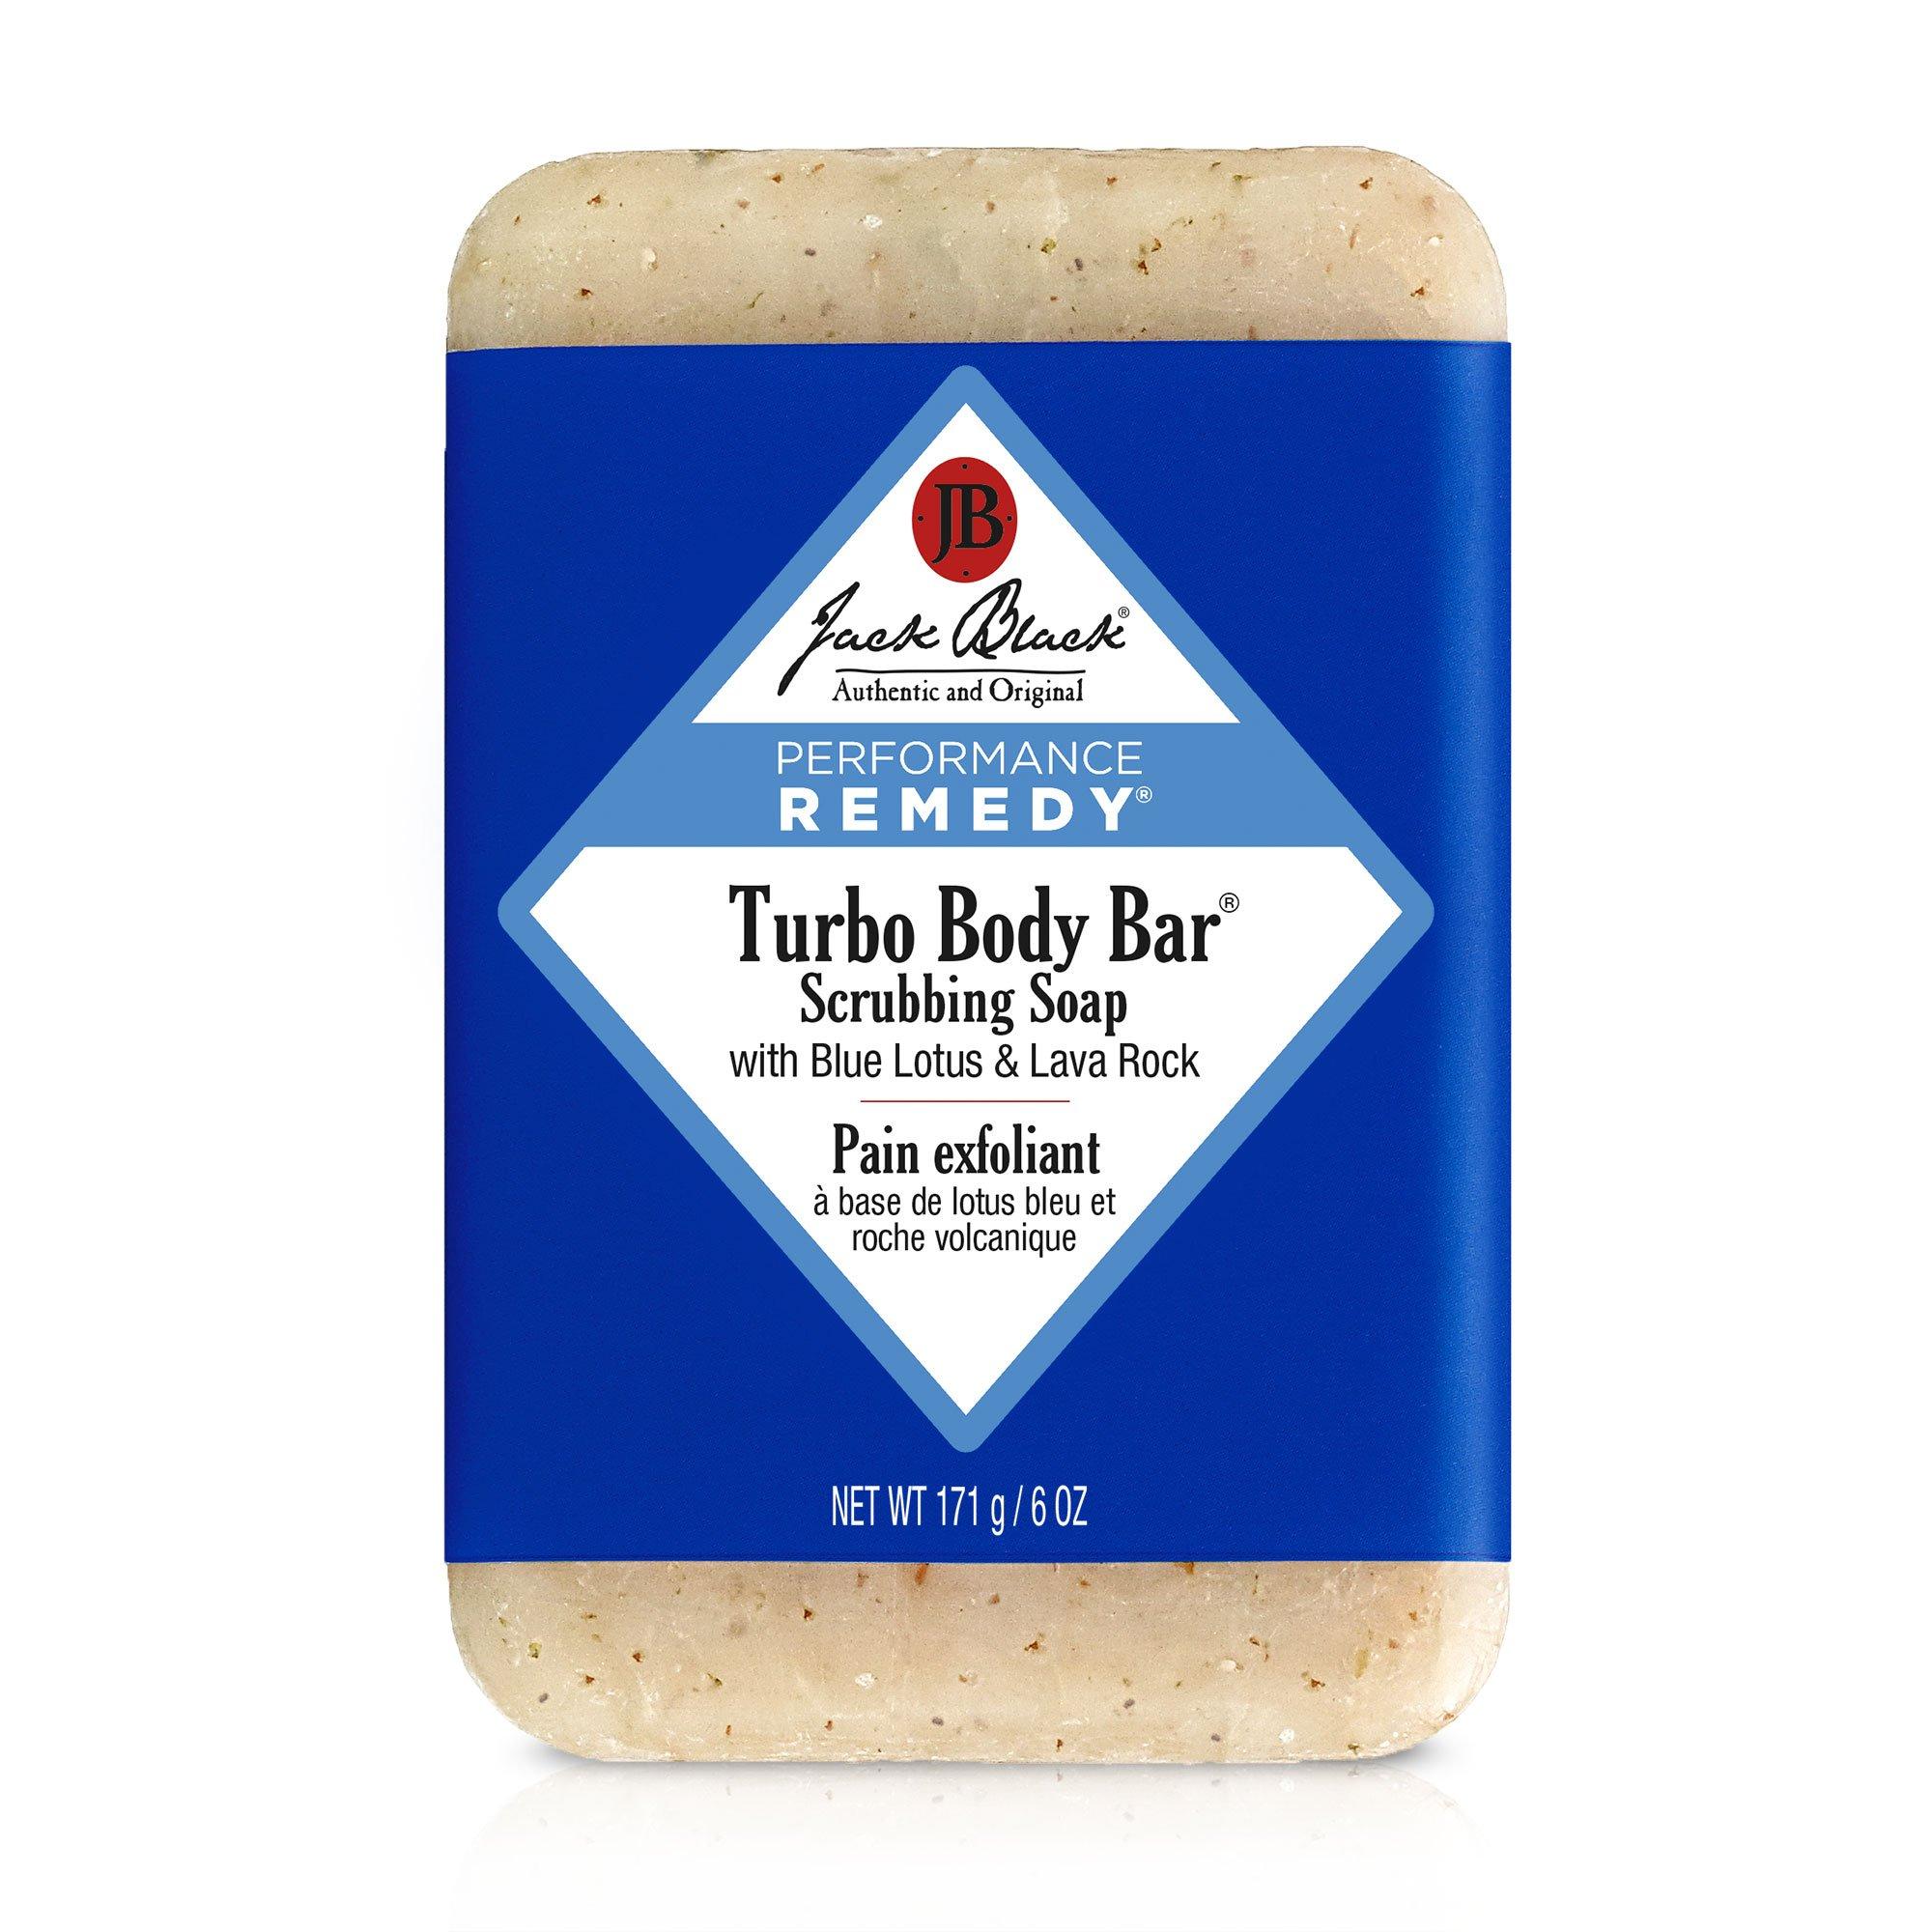 Turbo Body Bar Scrubbing Soap- Men's Soap with Blue Lotus & Lava Rock